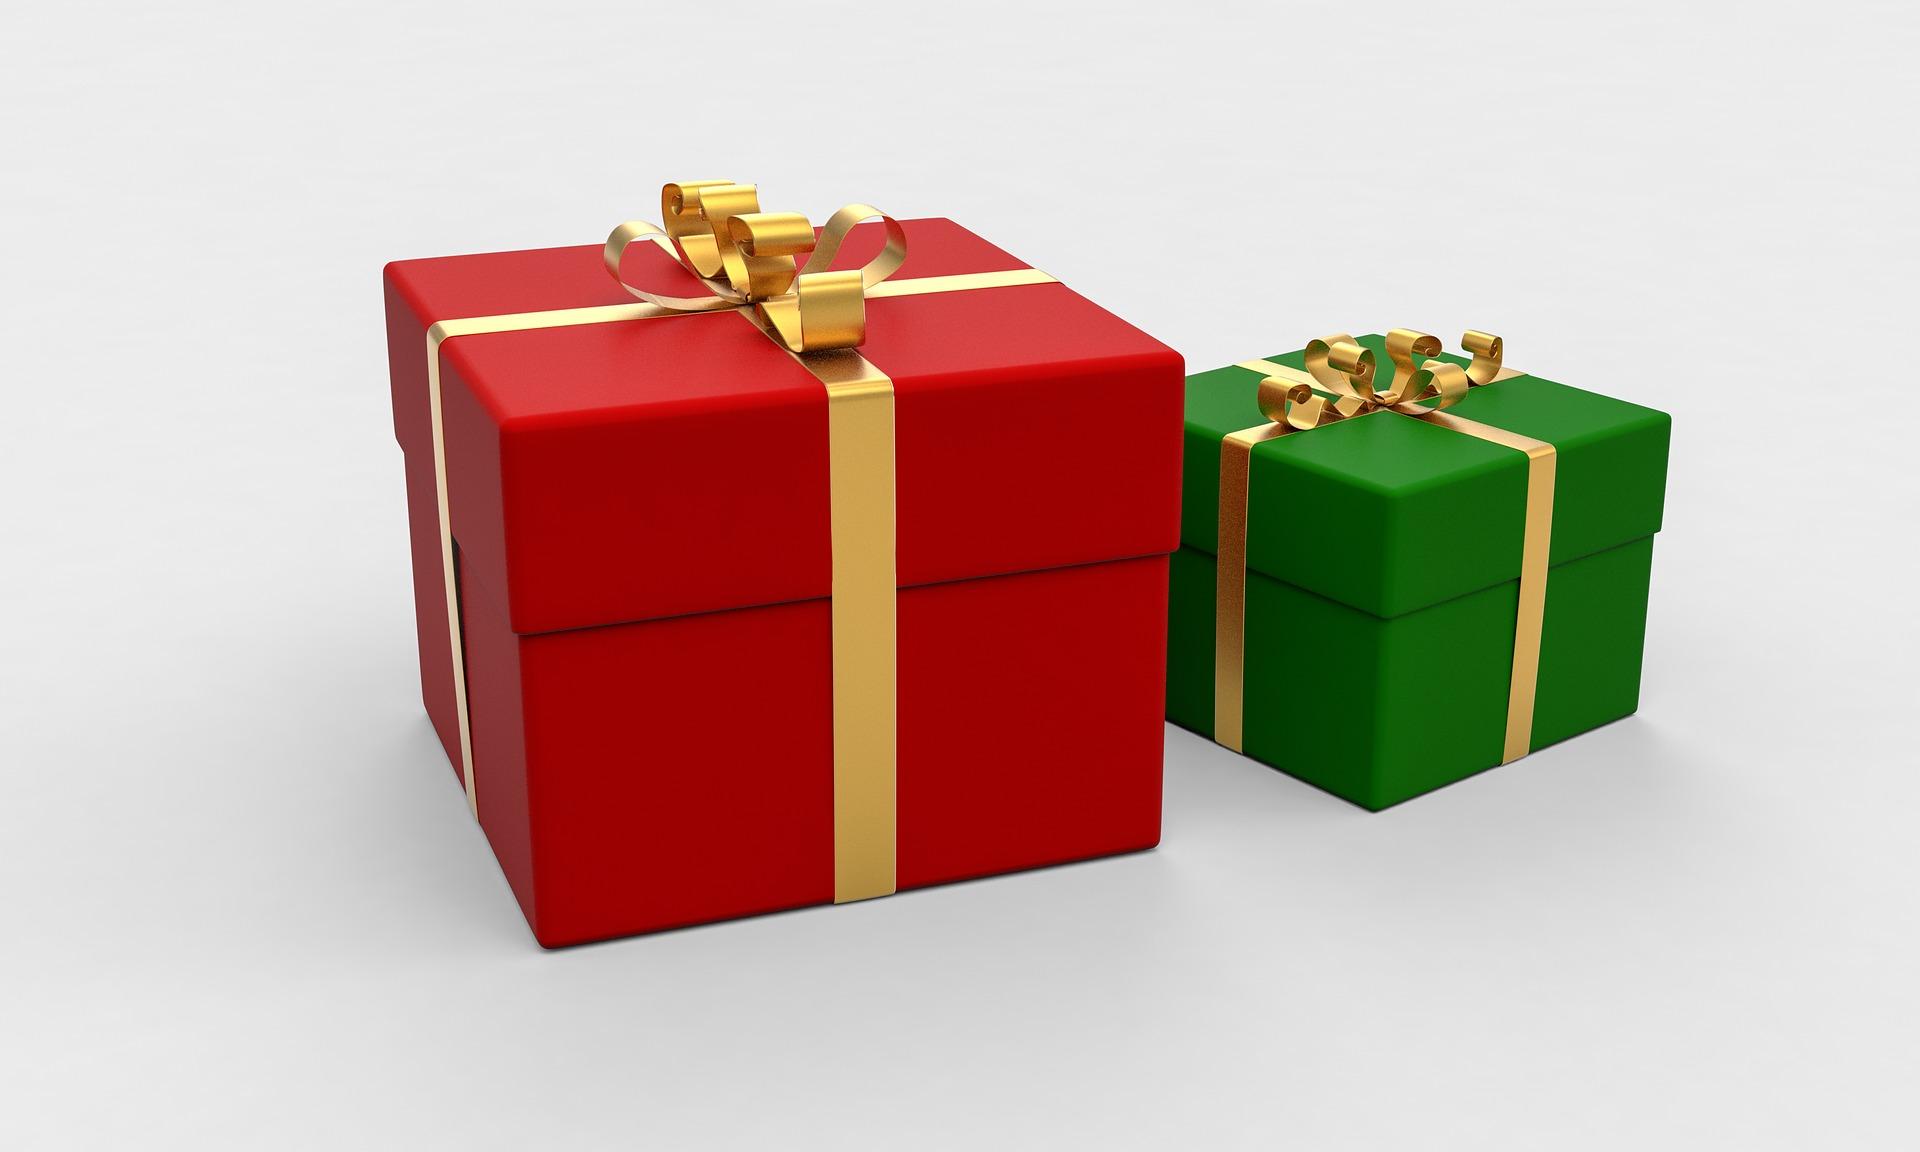 Pour surprendre vos proches, misez sur des articles cadeaux orignaux proposés sur ce site spécialisé